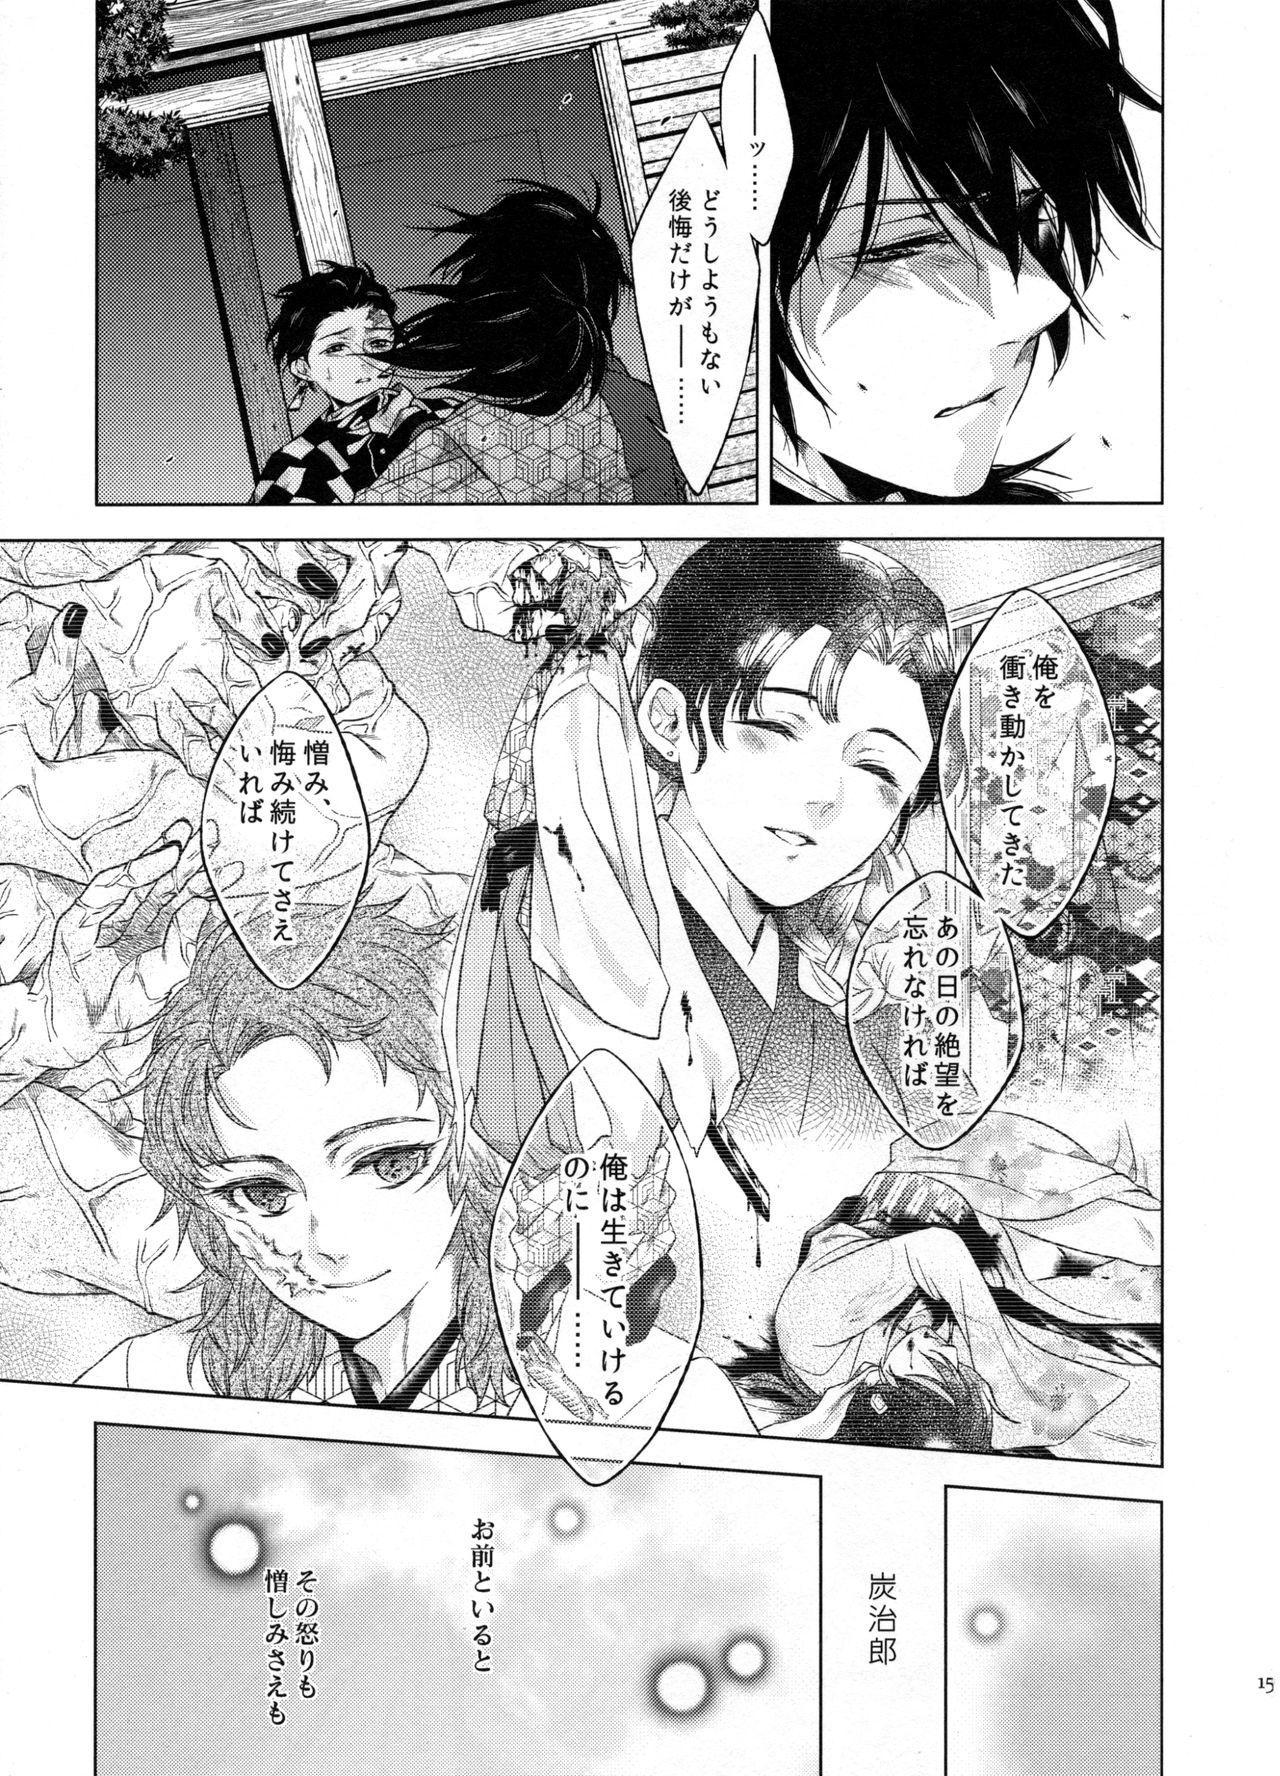 Sonzai suru Ningen no Kodoku to, Sonzai shinai Eien 13